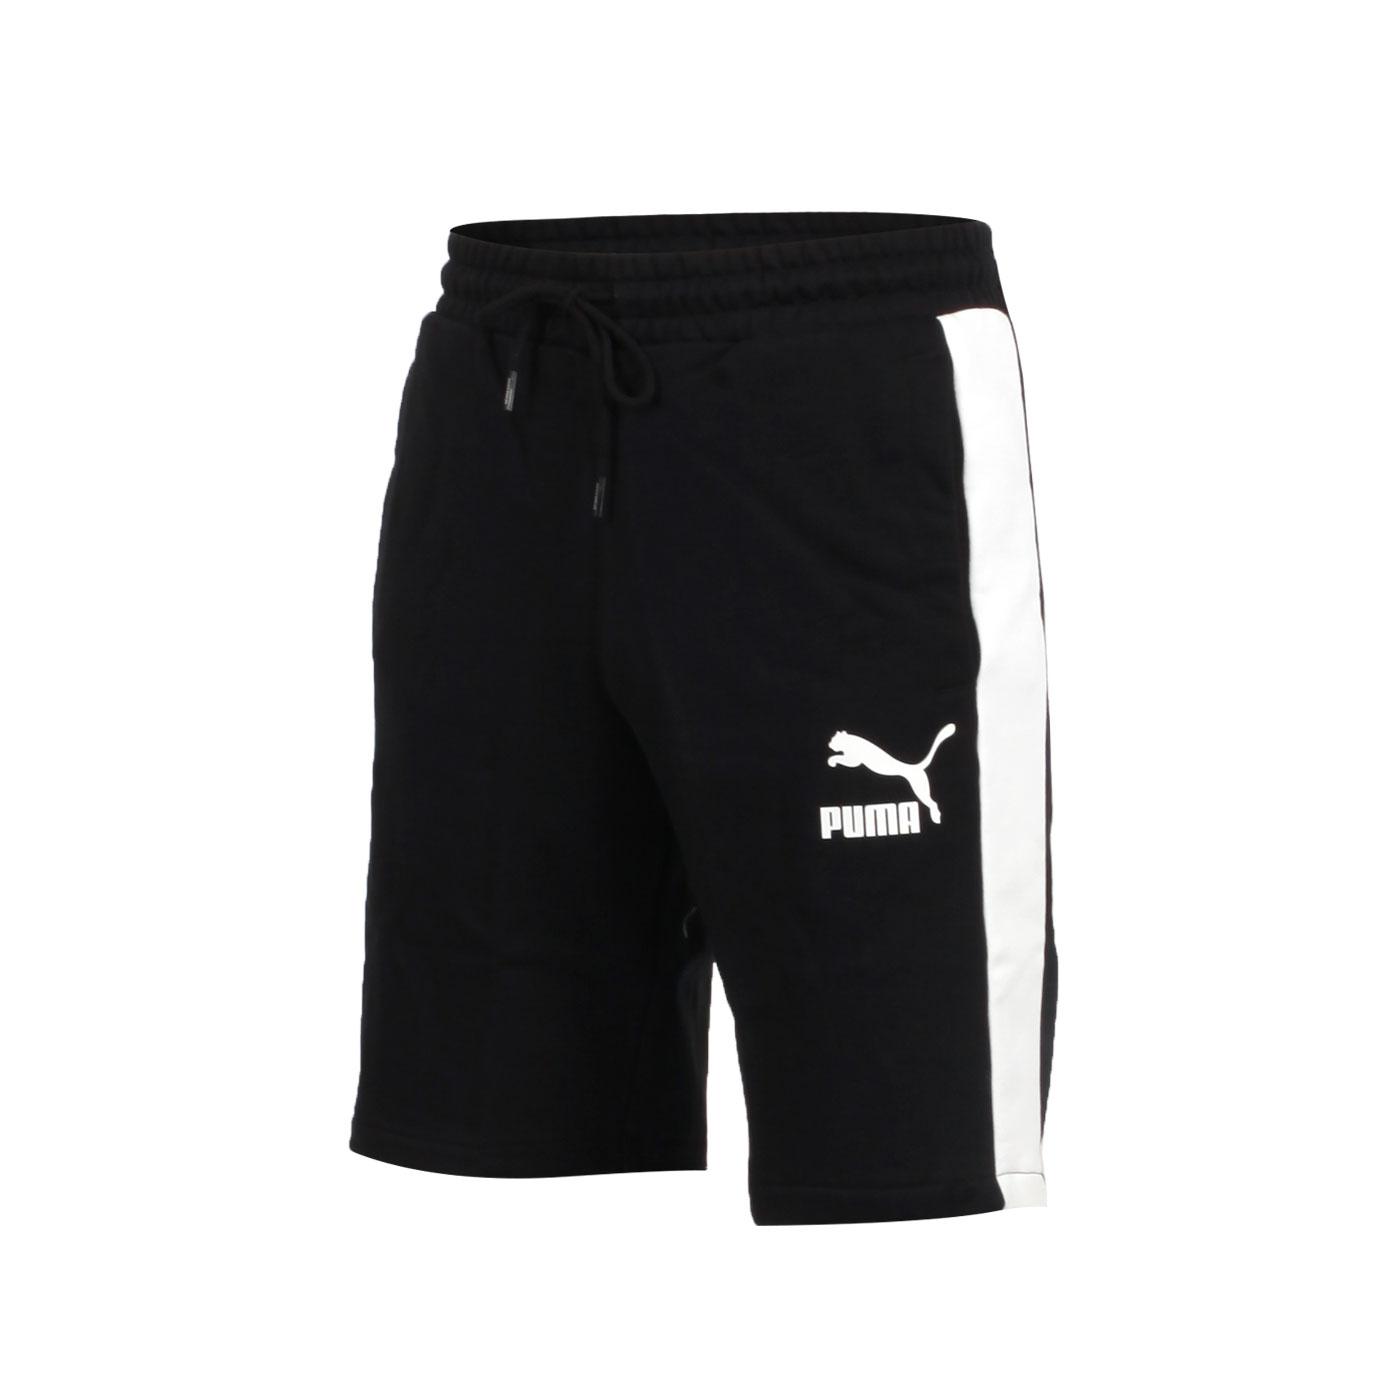 PUMA 男款流行系列T7棉質10吋短褲 58155901